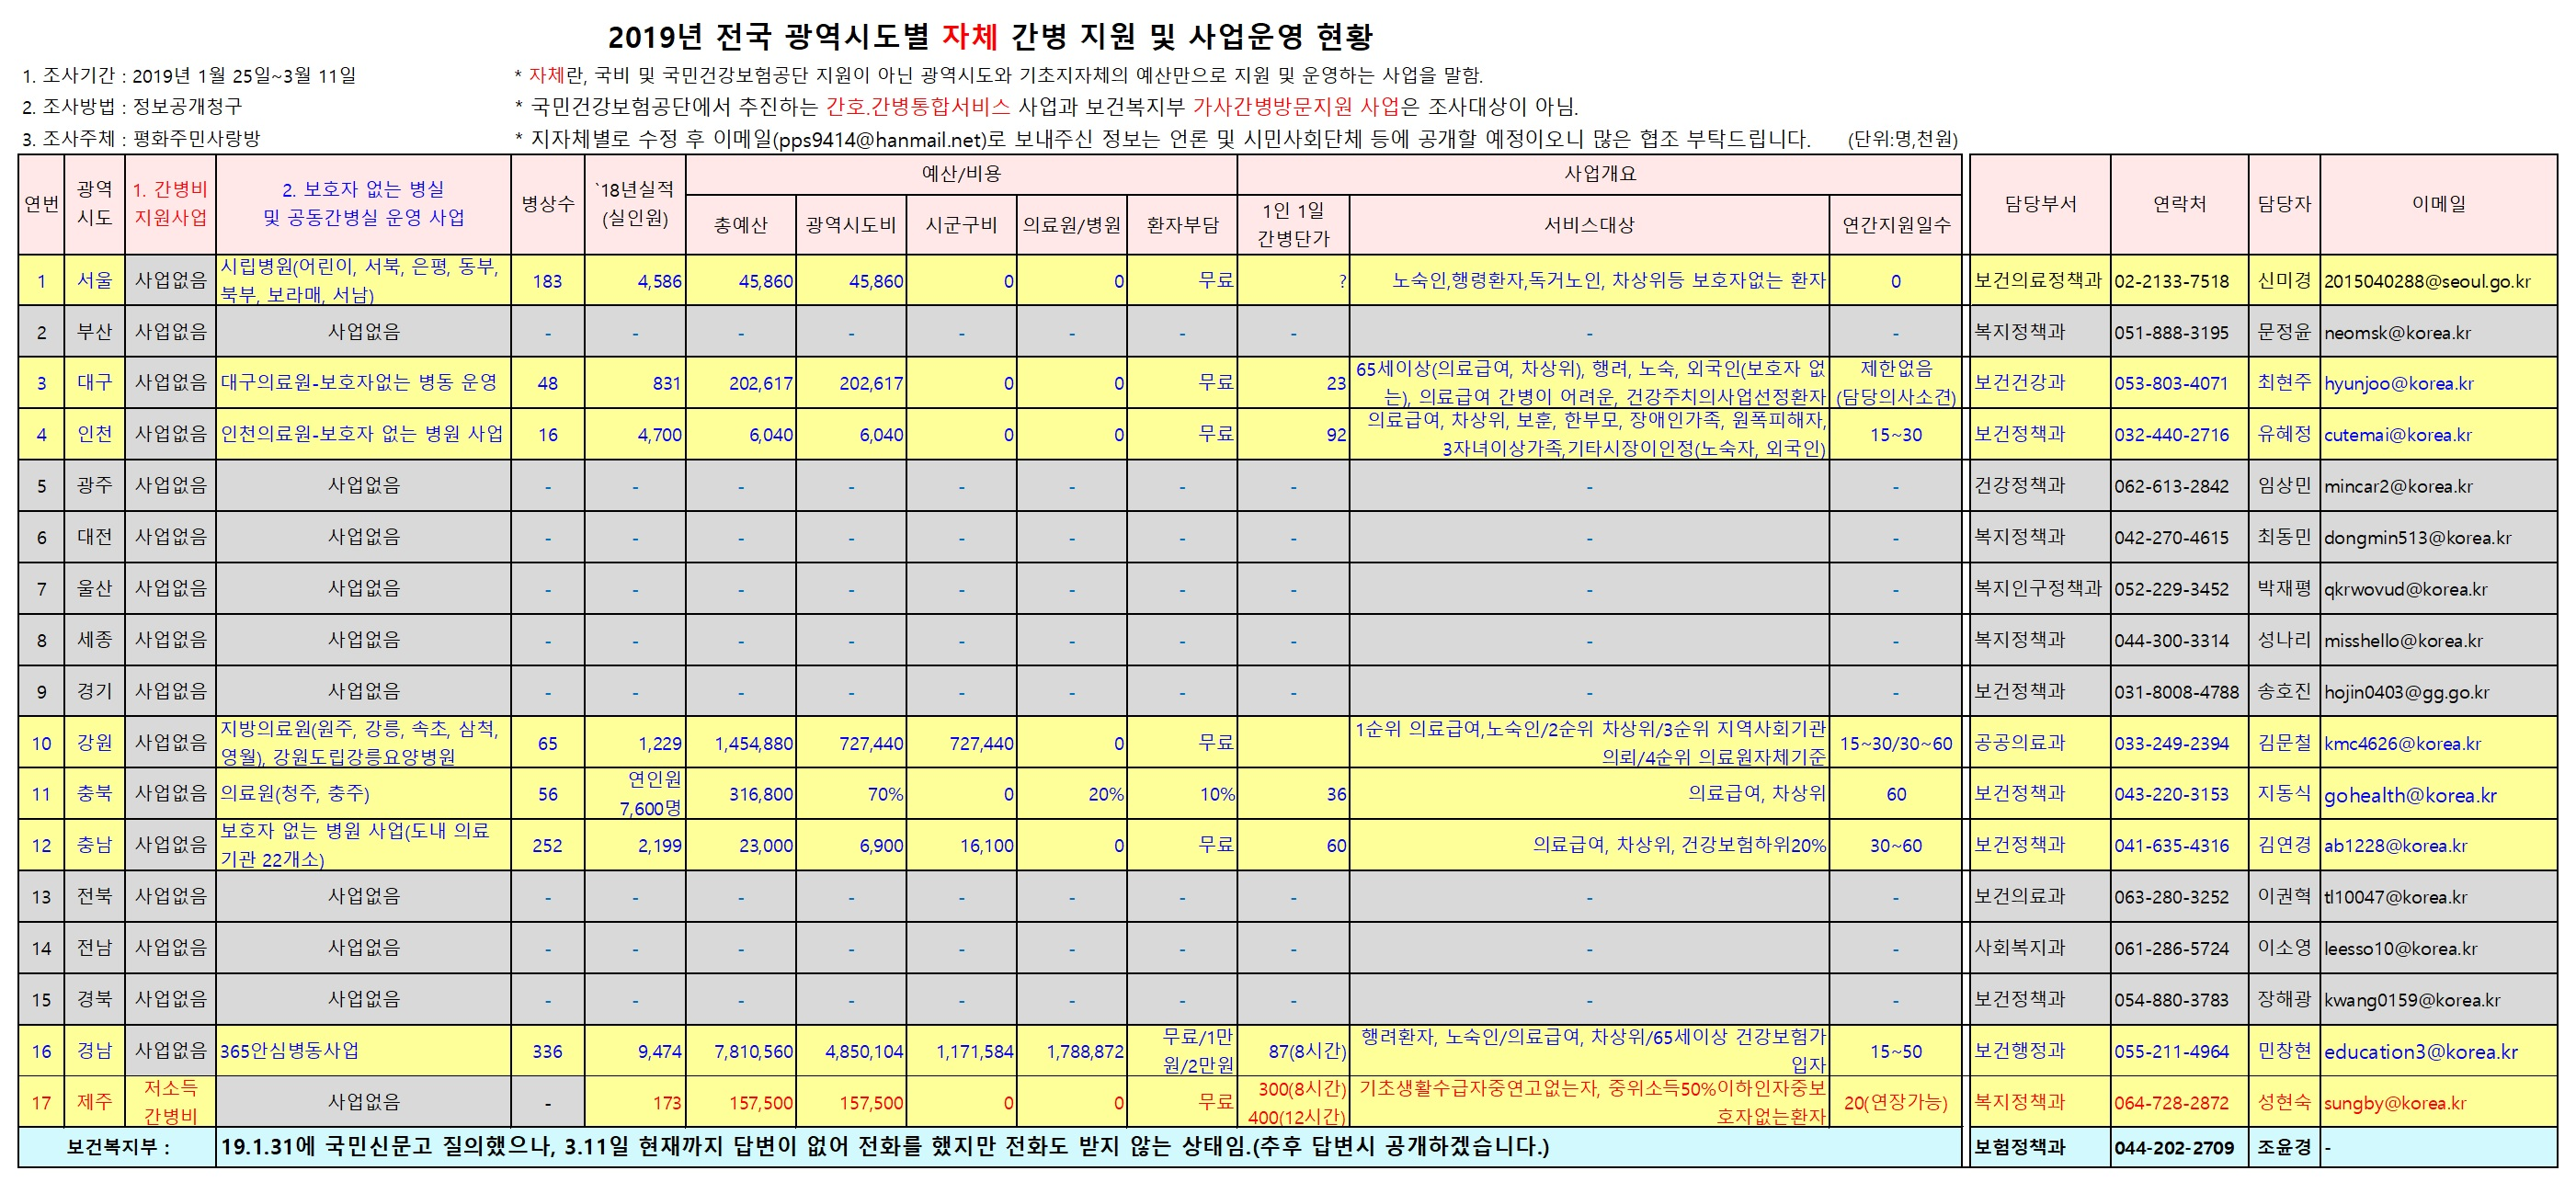 2019년_전국광역시도별_자체 간병비지원및보호자없는병실운영_현황(최종).jpg